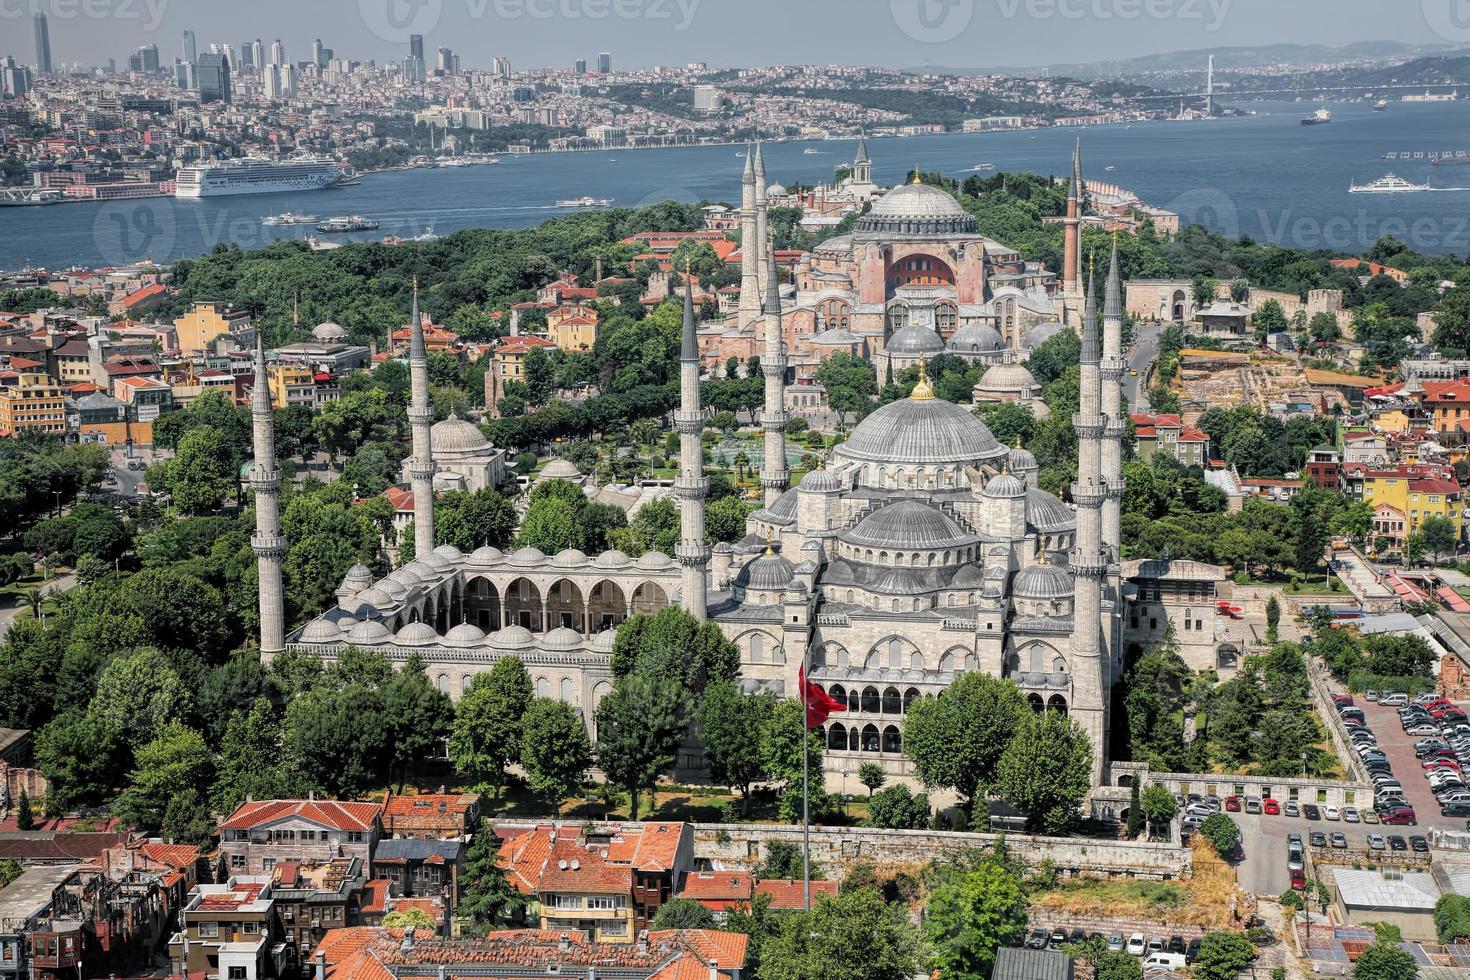 veduta aerea della moschea blu e hagia sophia a istanbul foto